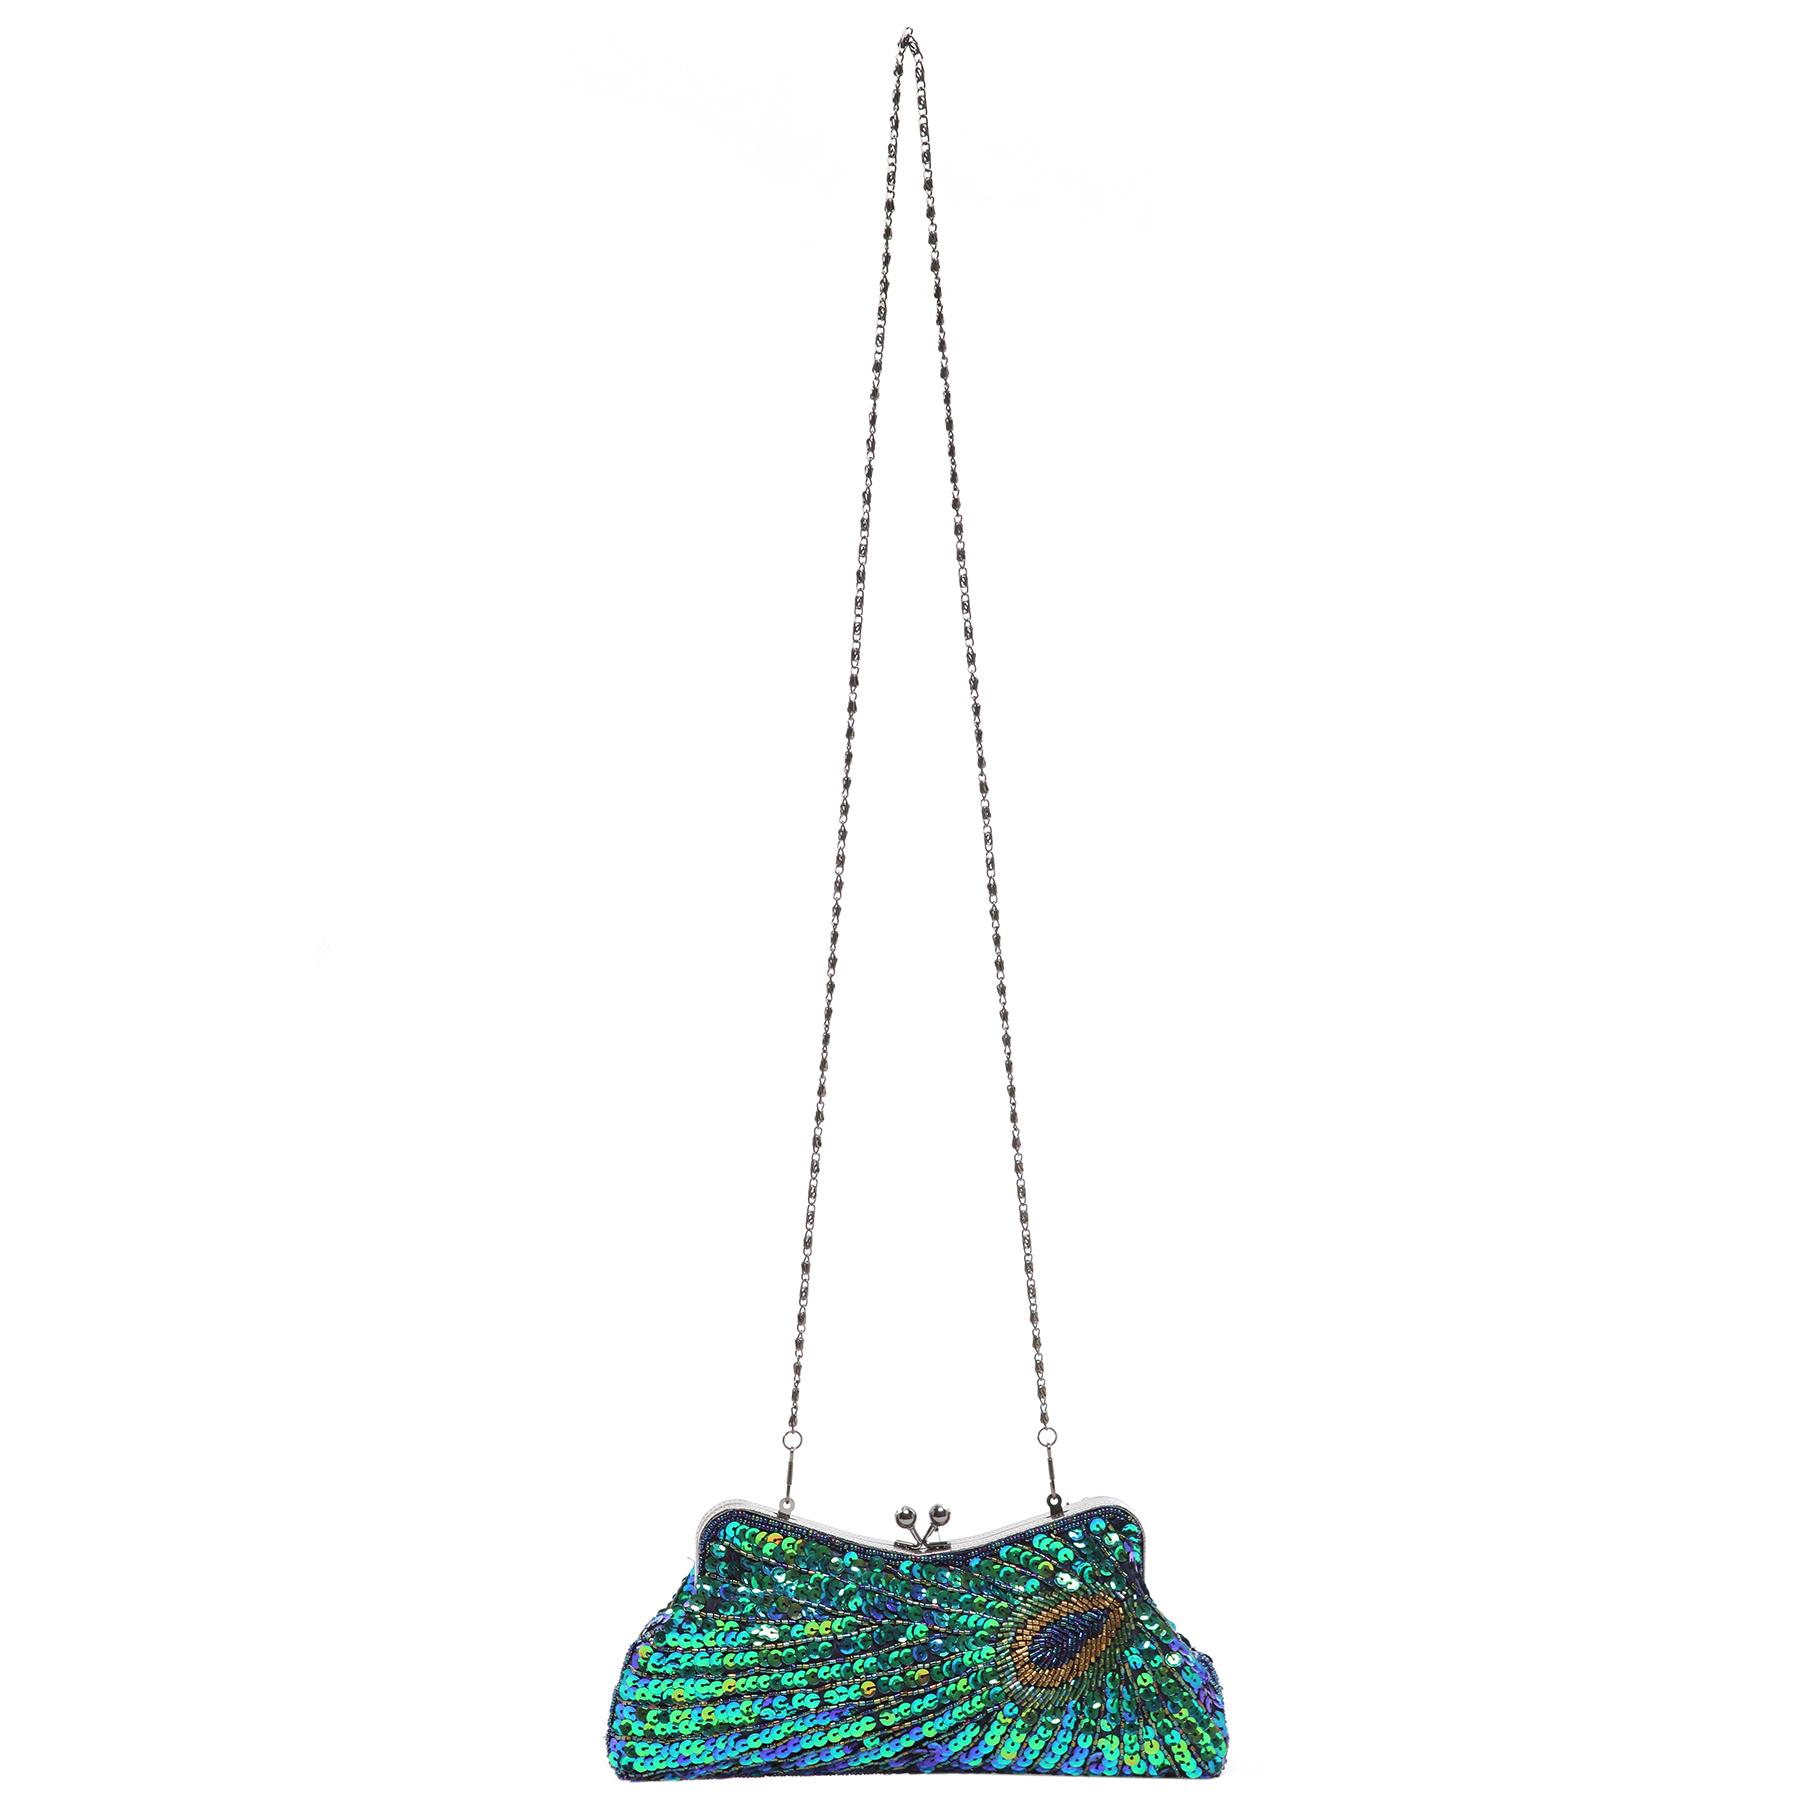 LAUREL Green Sequined Evening Bag long shoulder strap